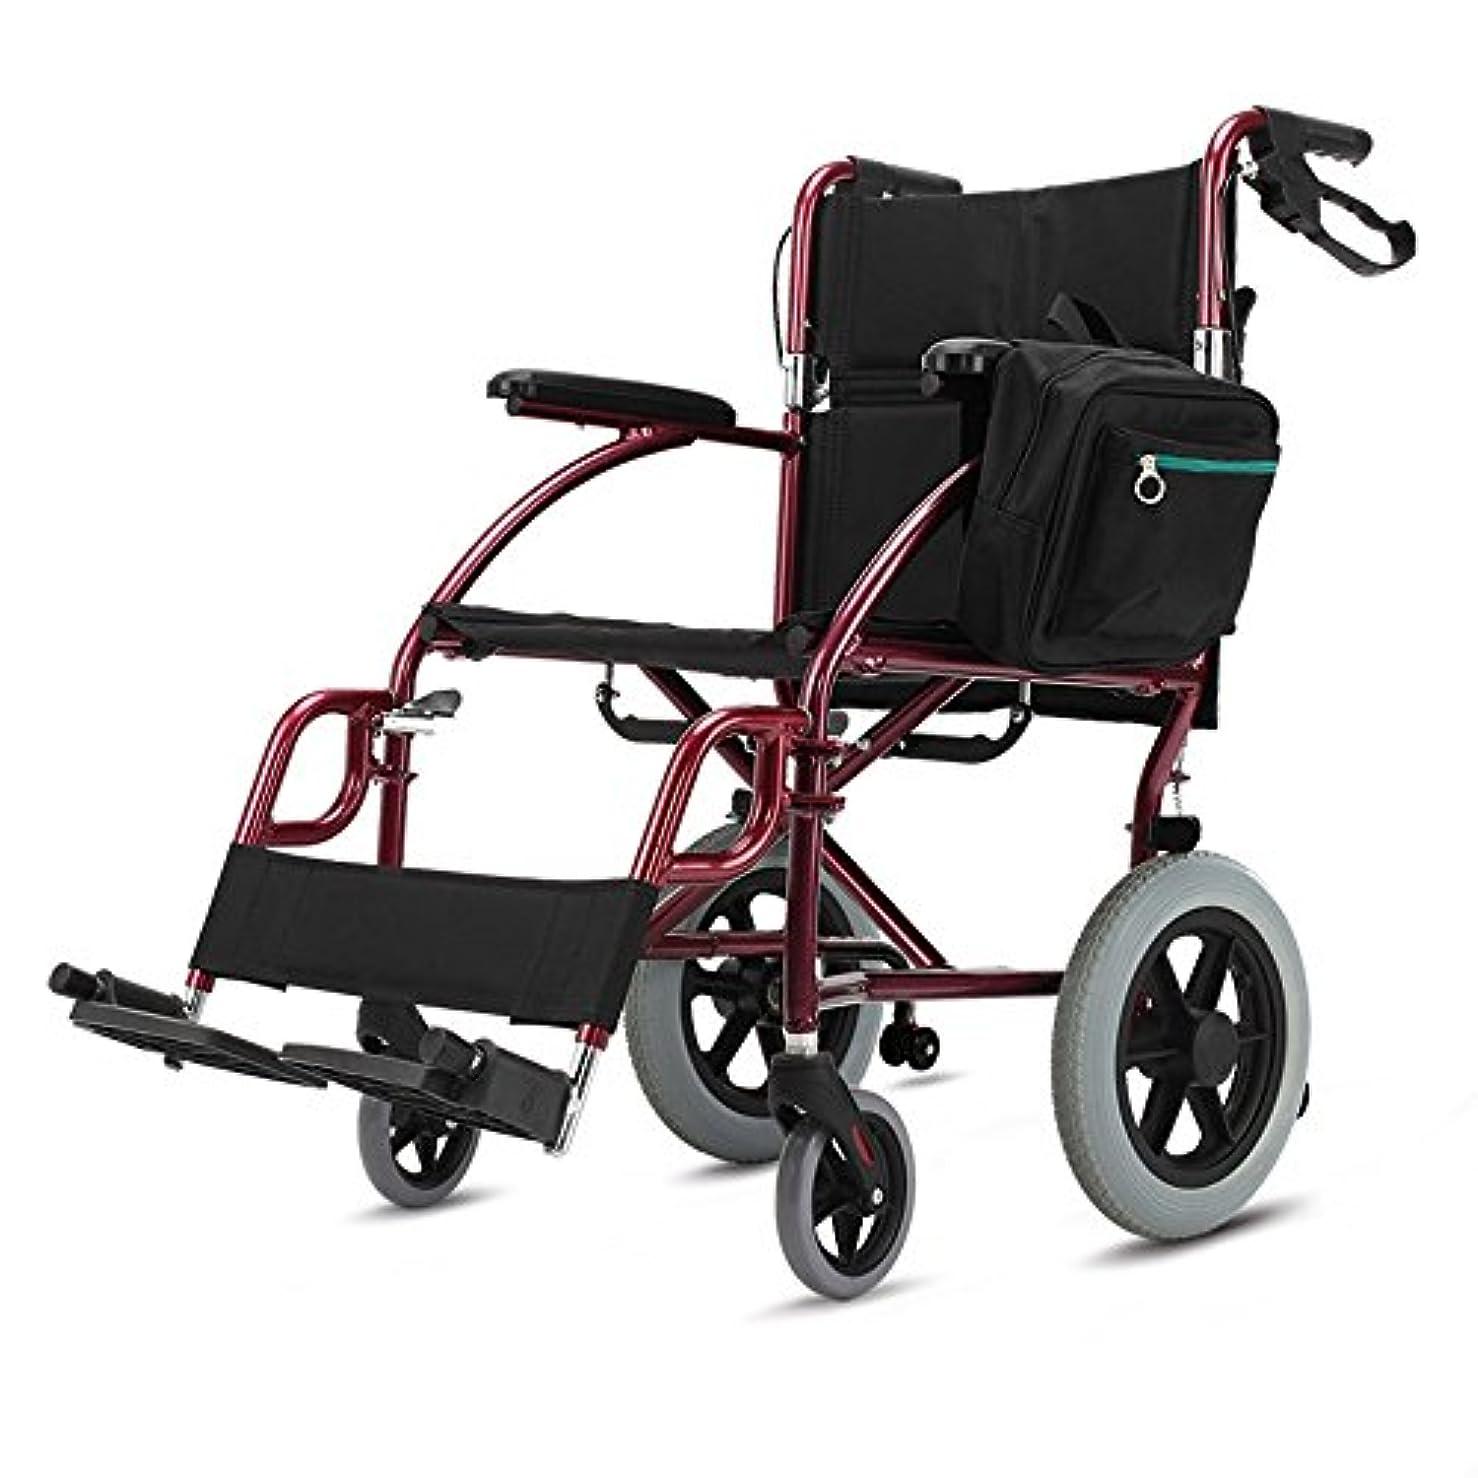 キャップ軽蔑する杭QFFL 車いすシニア折り畳み式車椅子障害者用可搬型厚手アルミニウム合金スクーター90 * 105cm 松葉杖ウォーカー